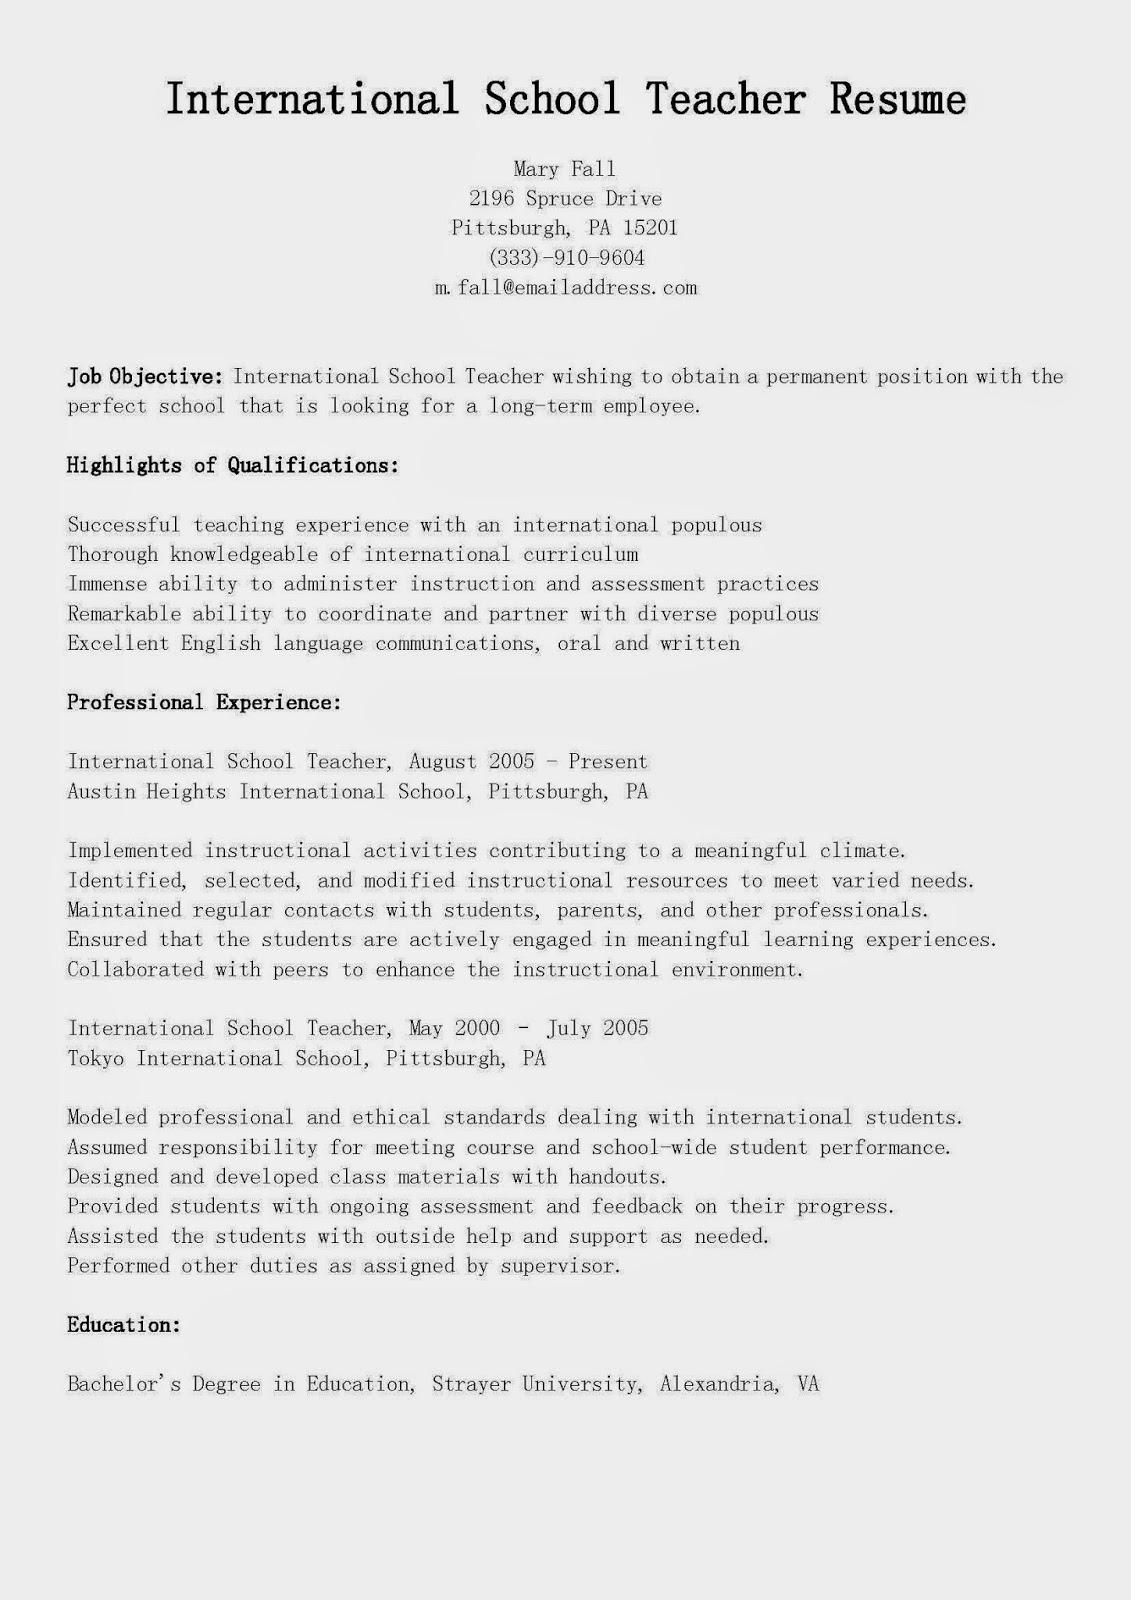 Resume Samples International School Teacher Resume Sample